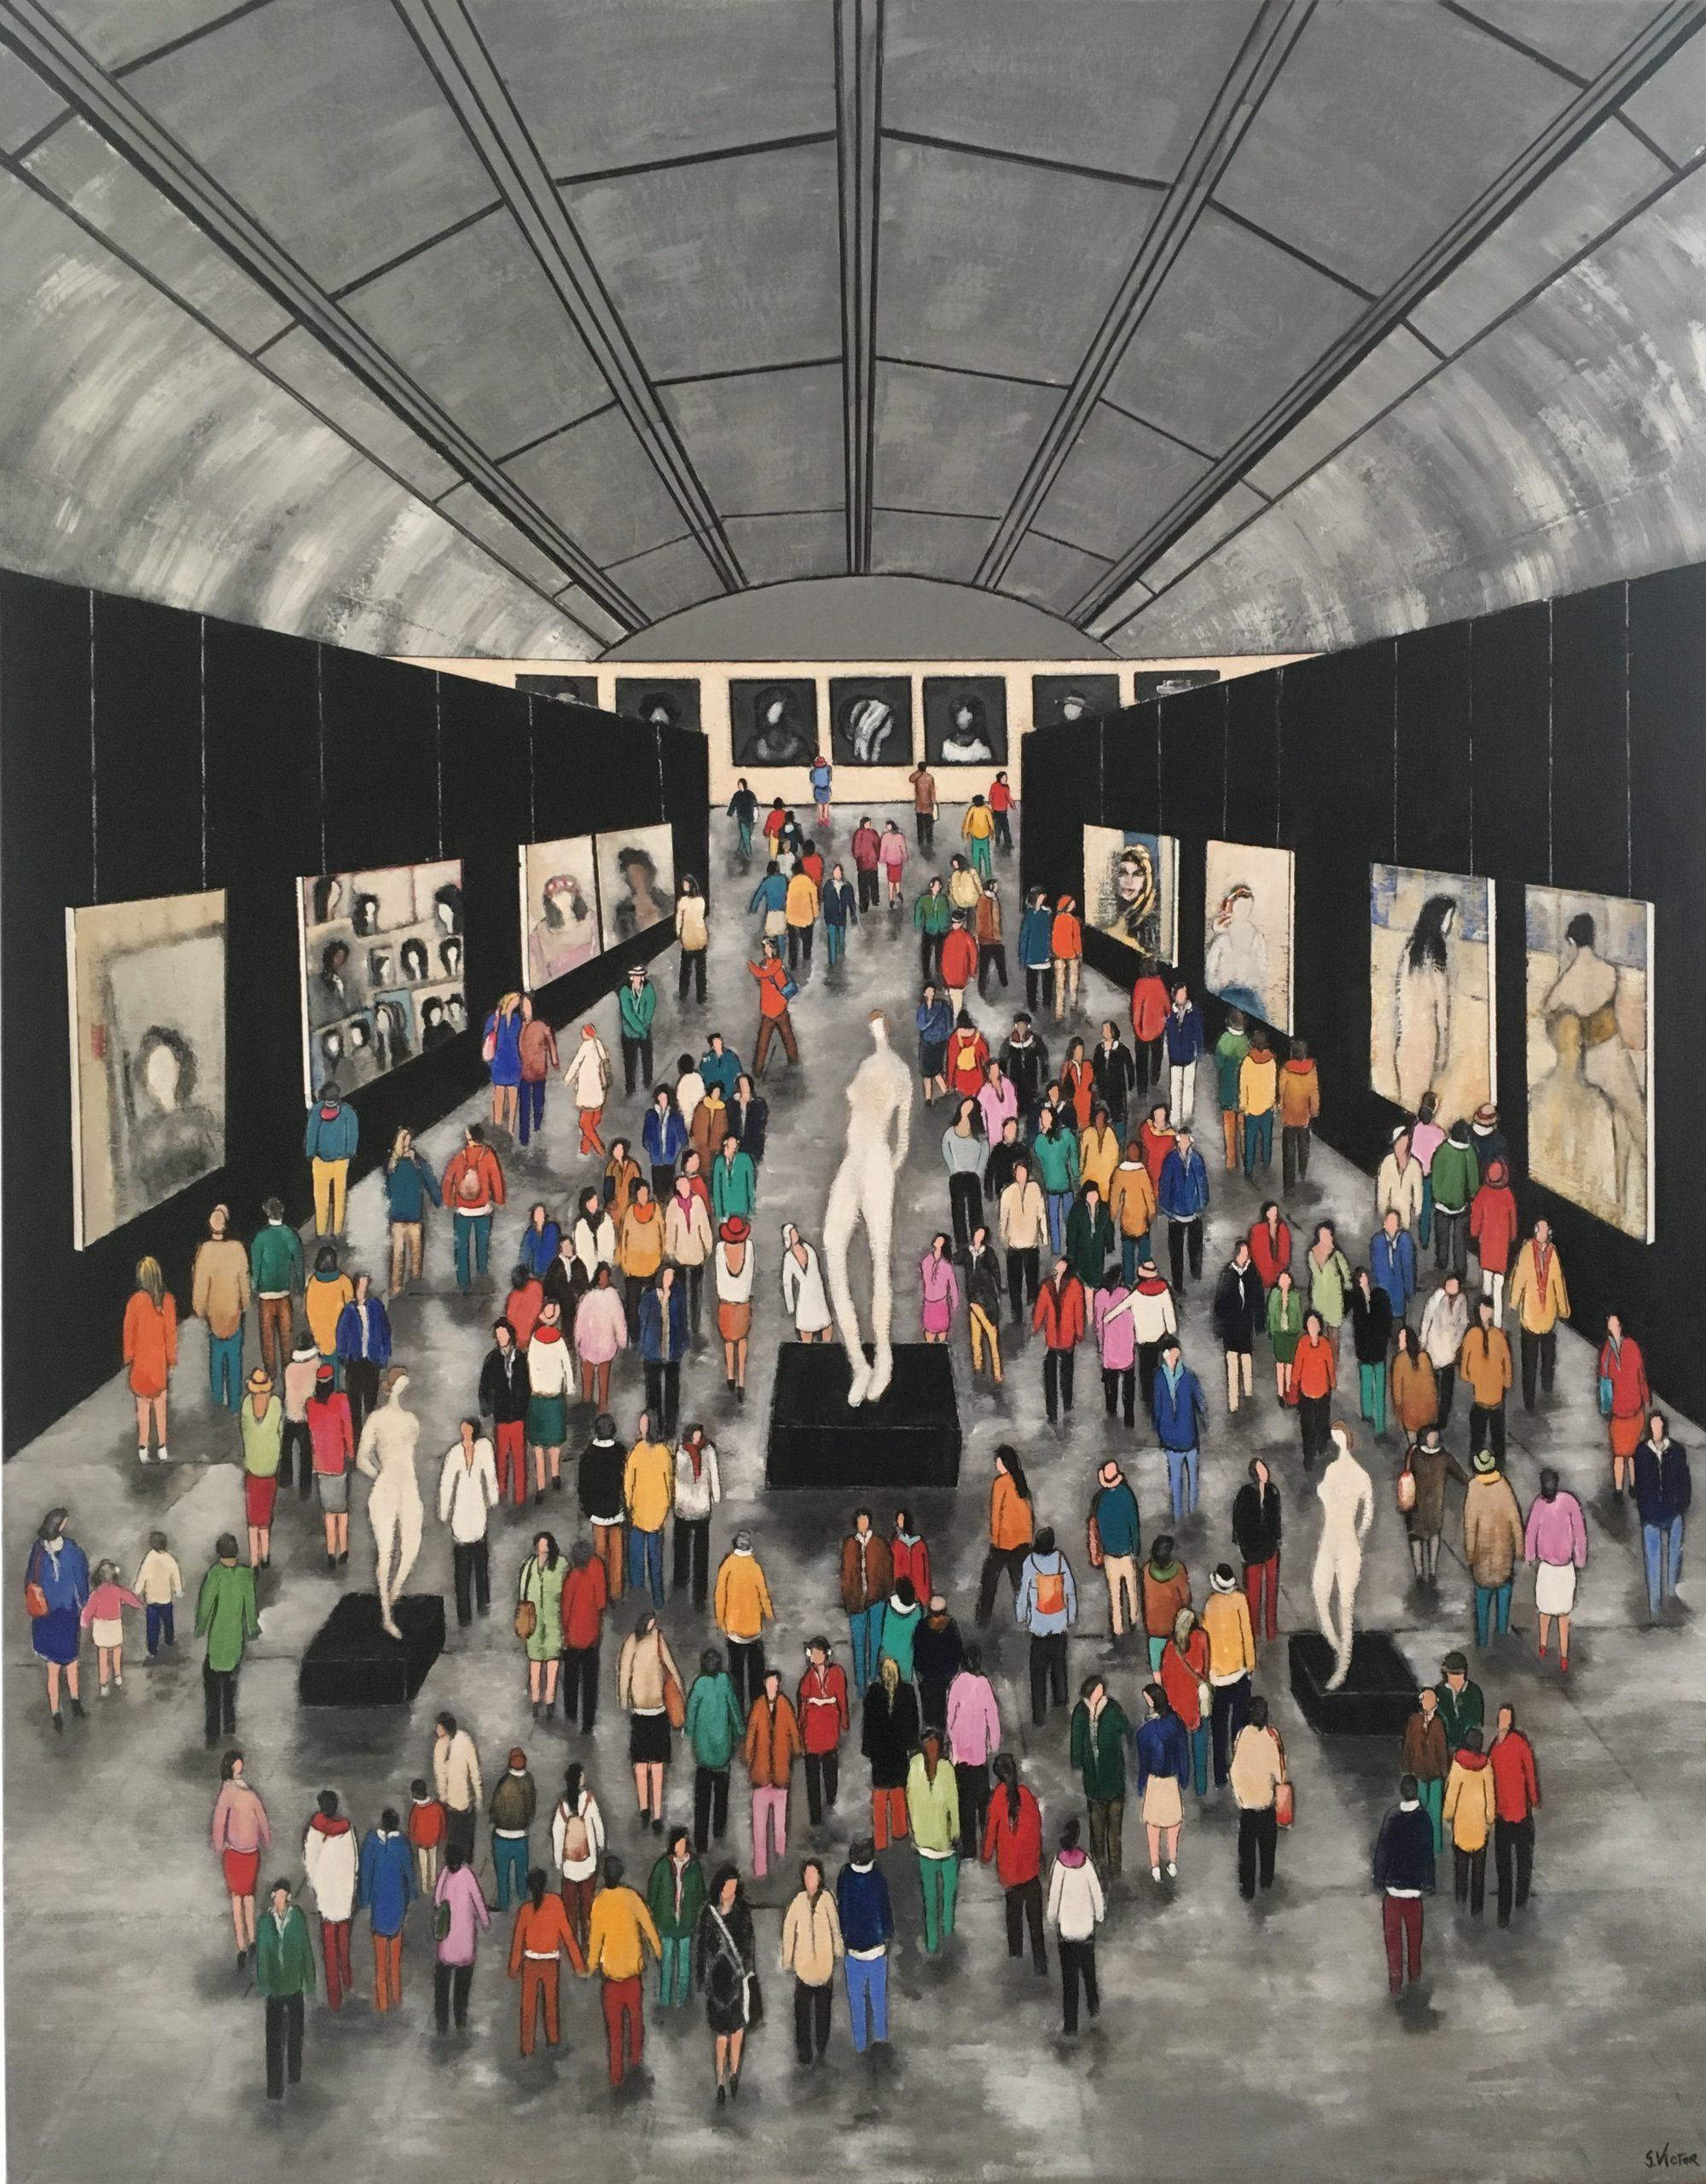 Se retrouver dans l'art - Acrylique sur toile - 146cm x 114cm